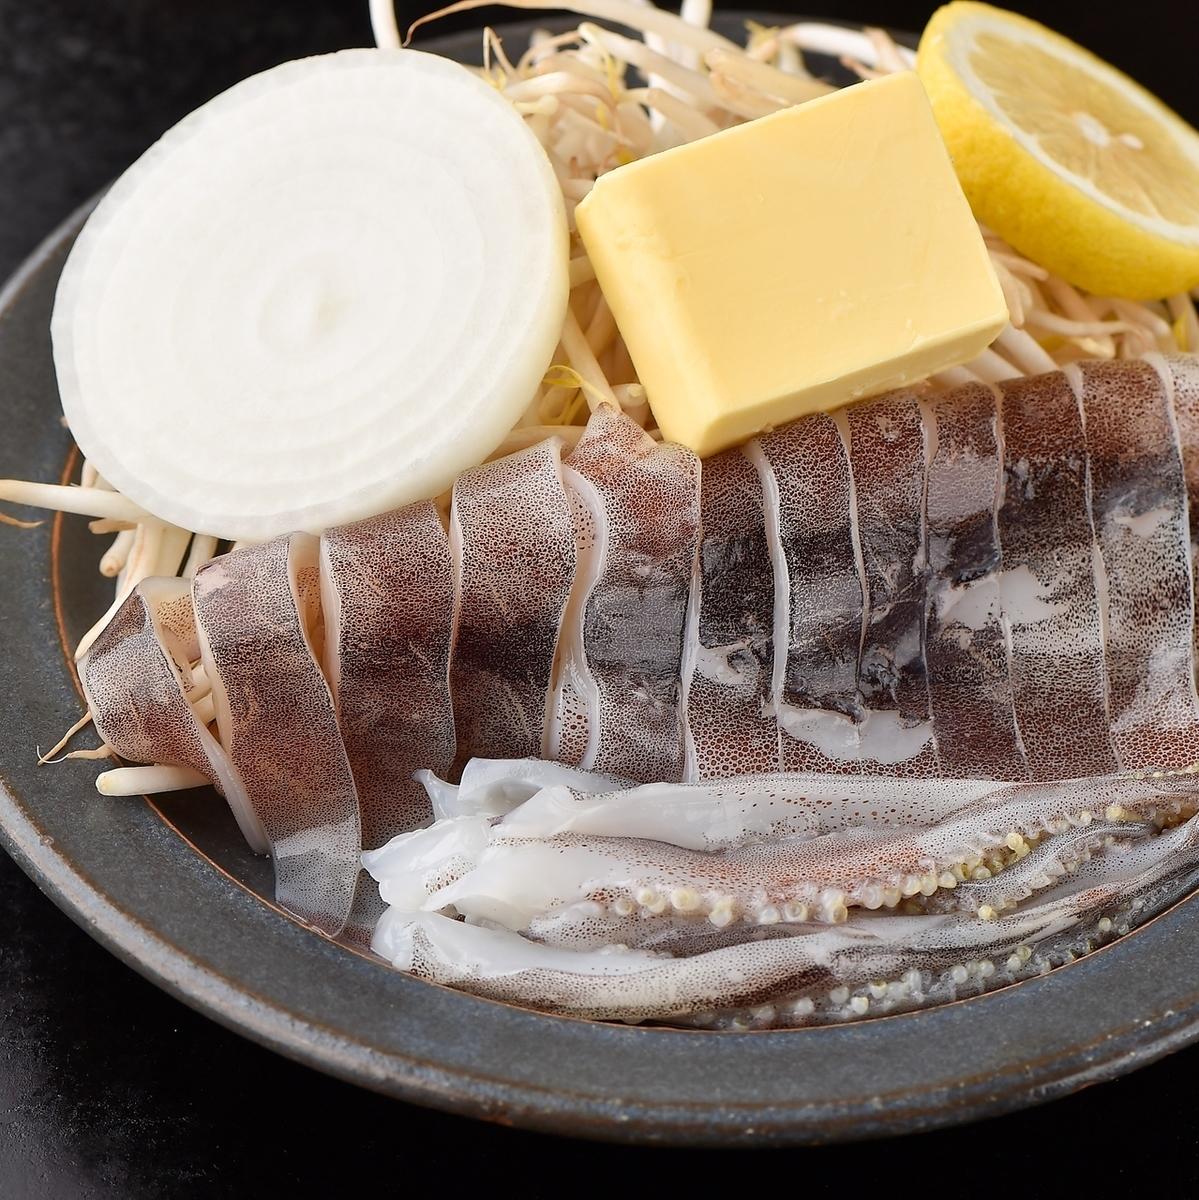 Squid barbecue